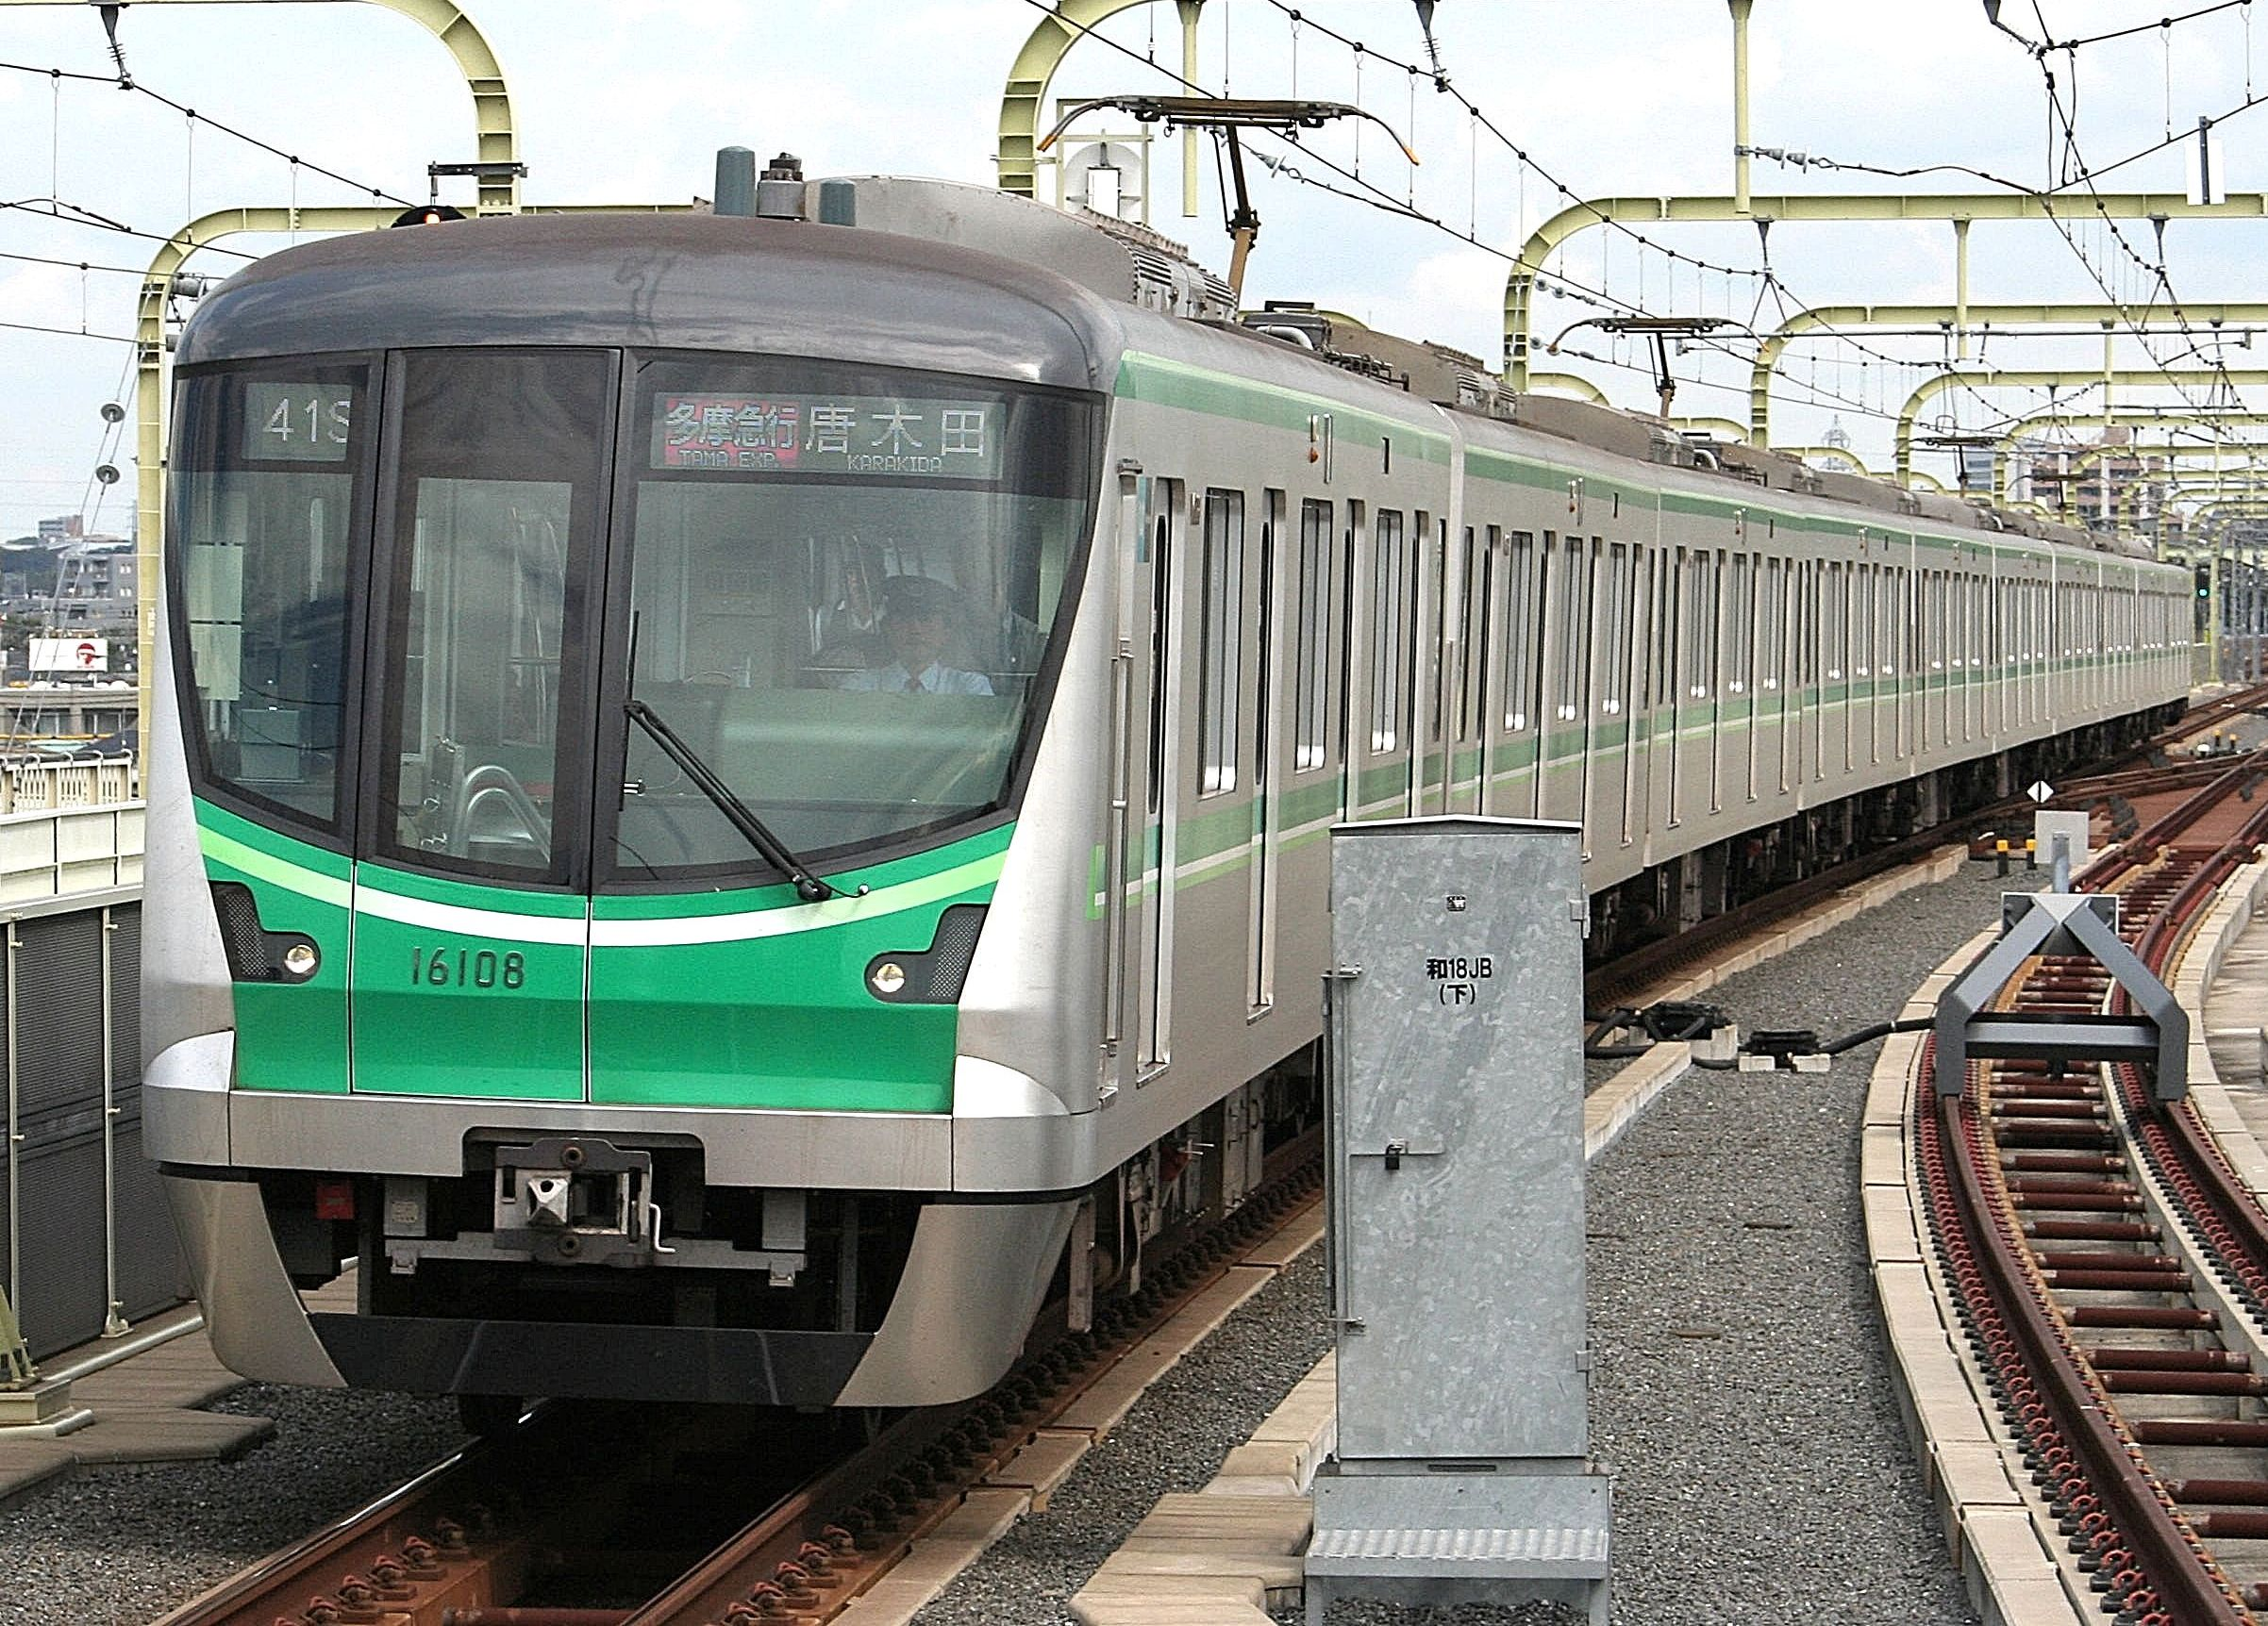 Tokyo-metro_16108